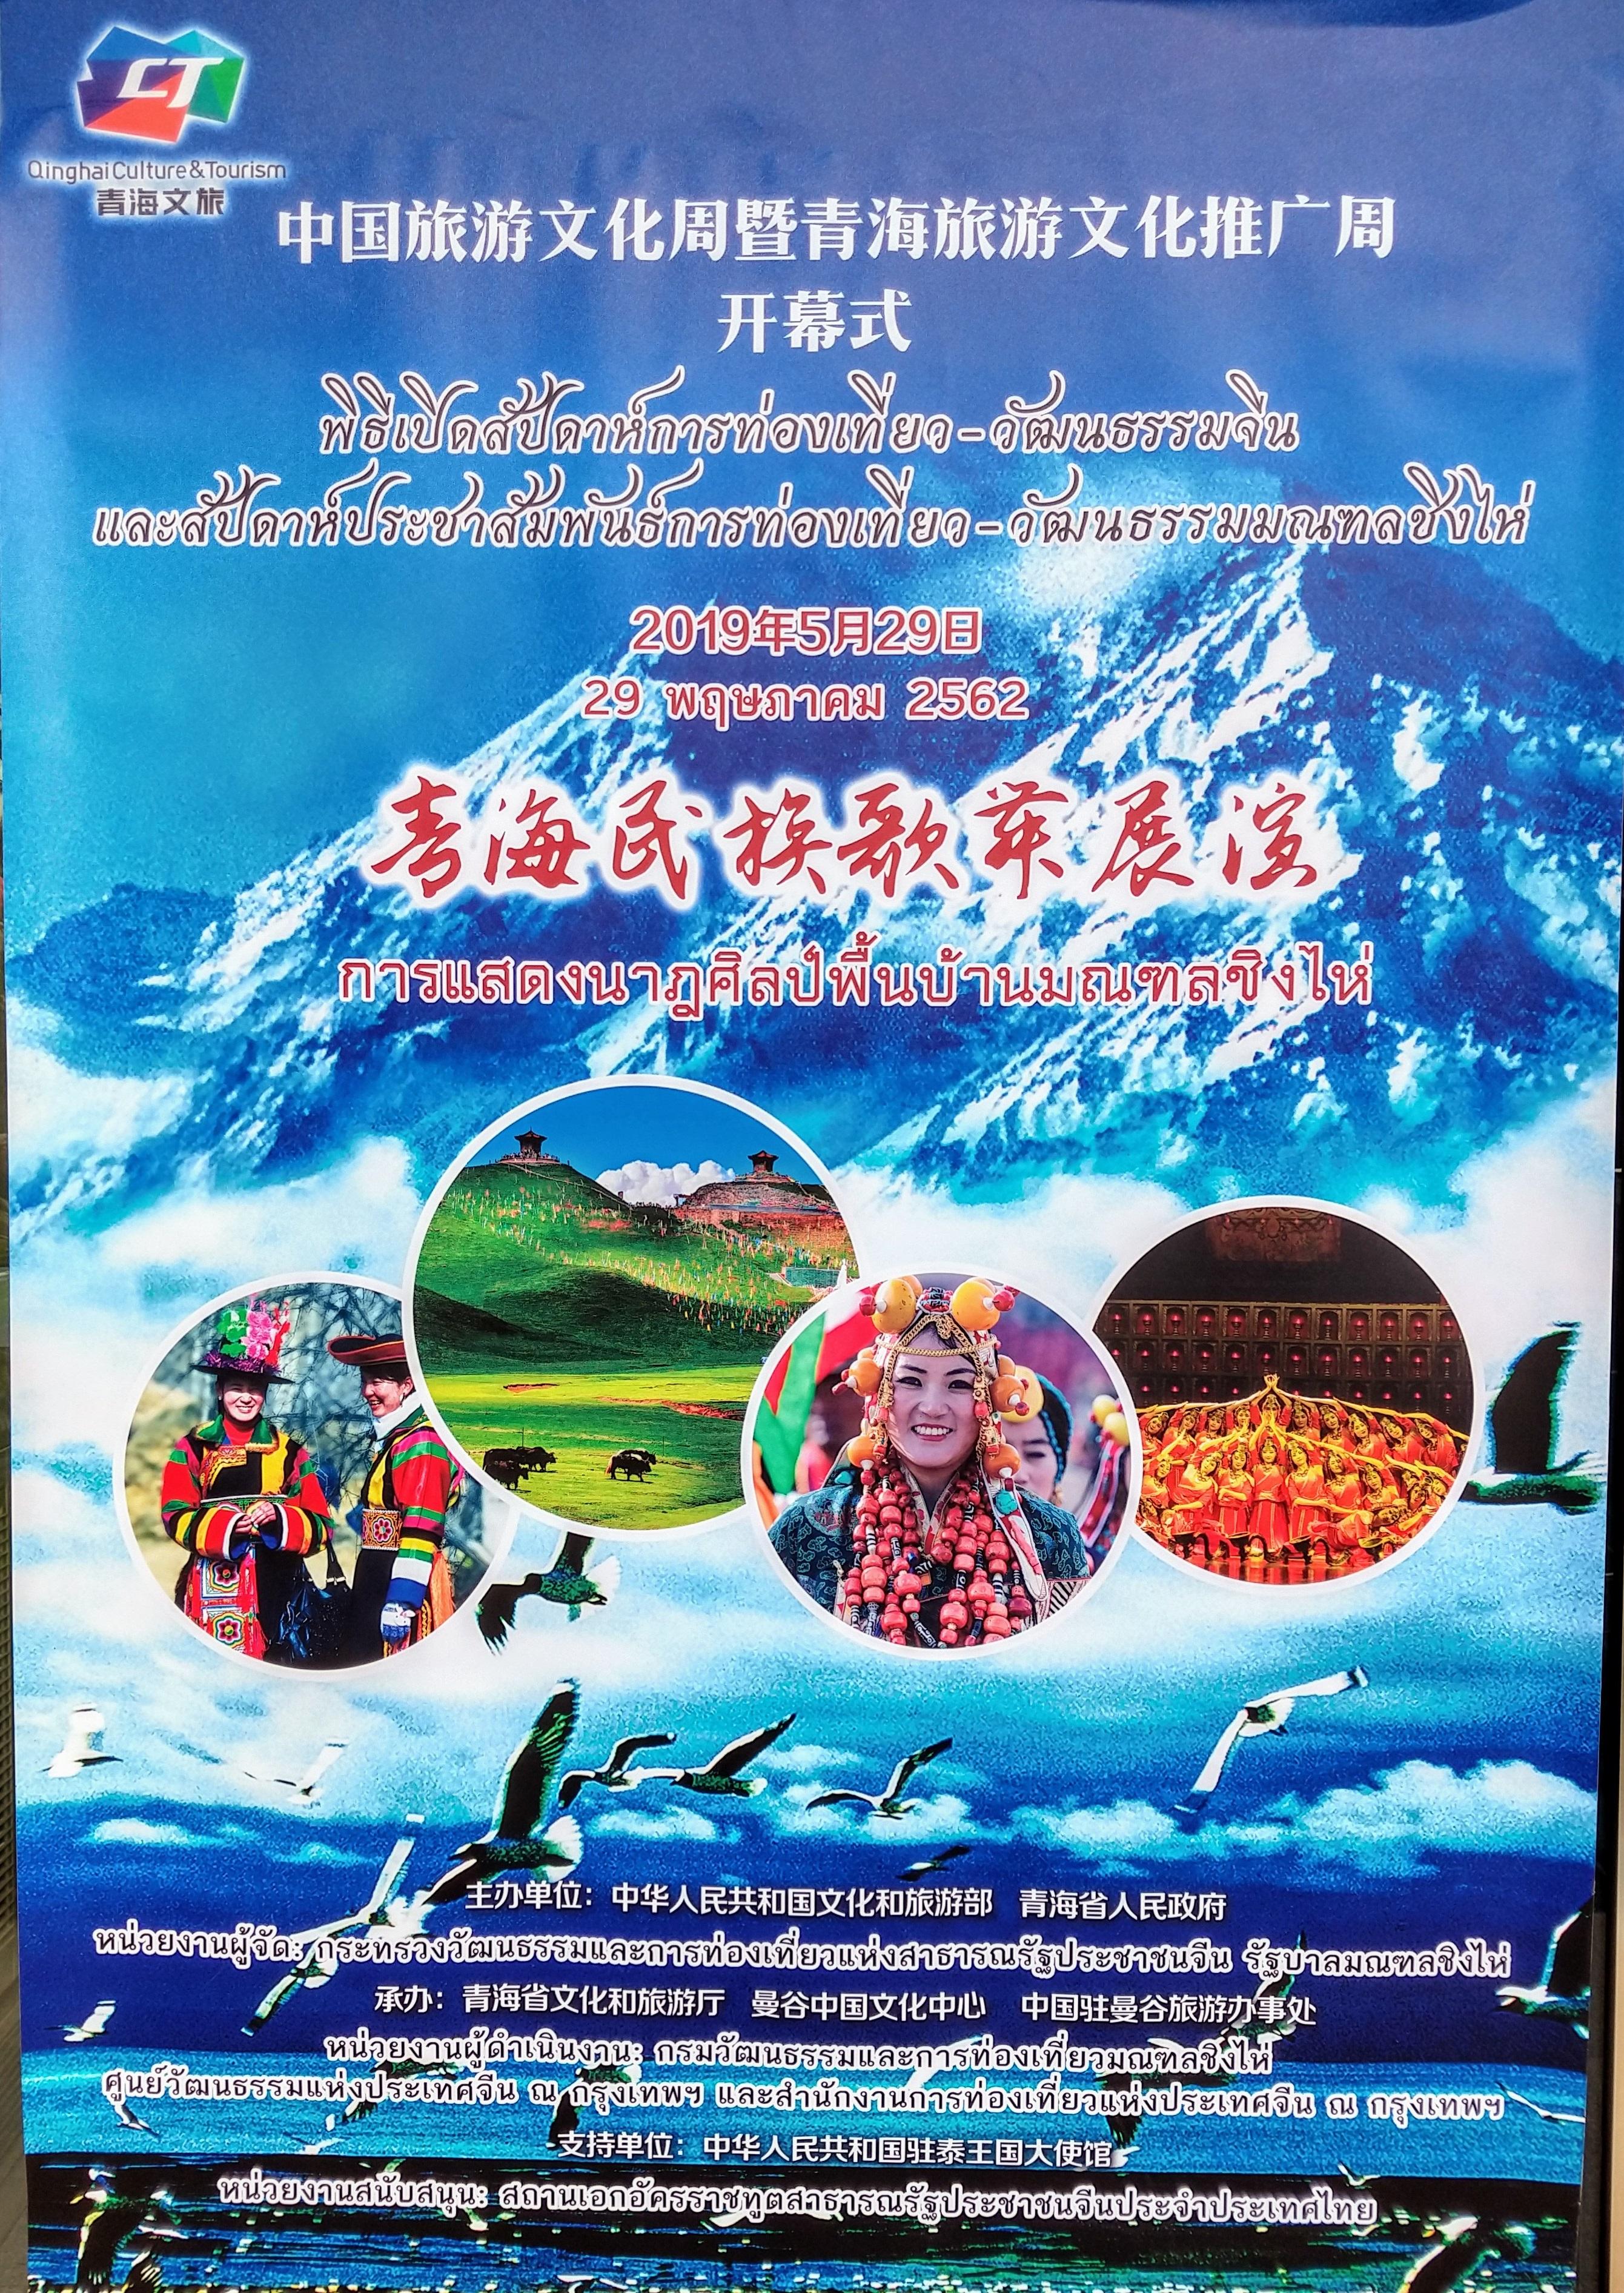 การท่องเที่ยว-วัฒนธรรม มณฑลชิงไห่ ปี 2019